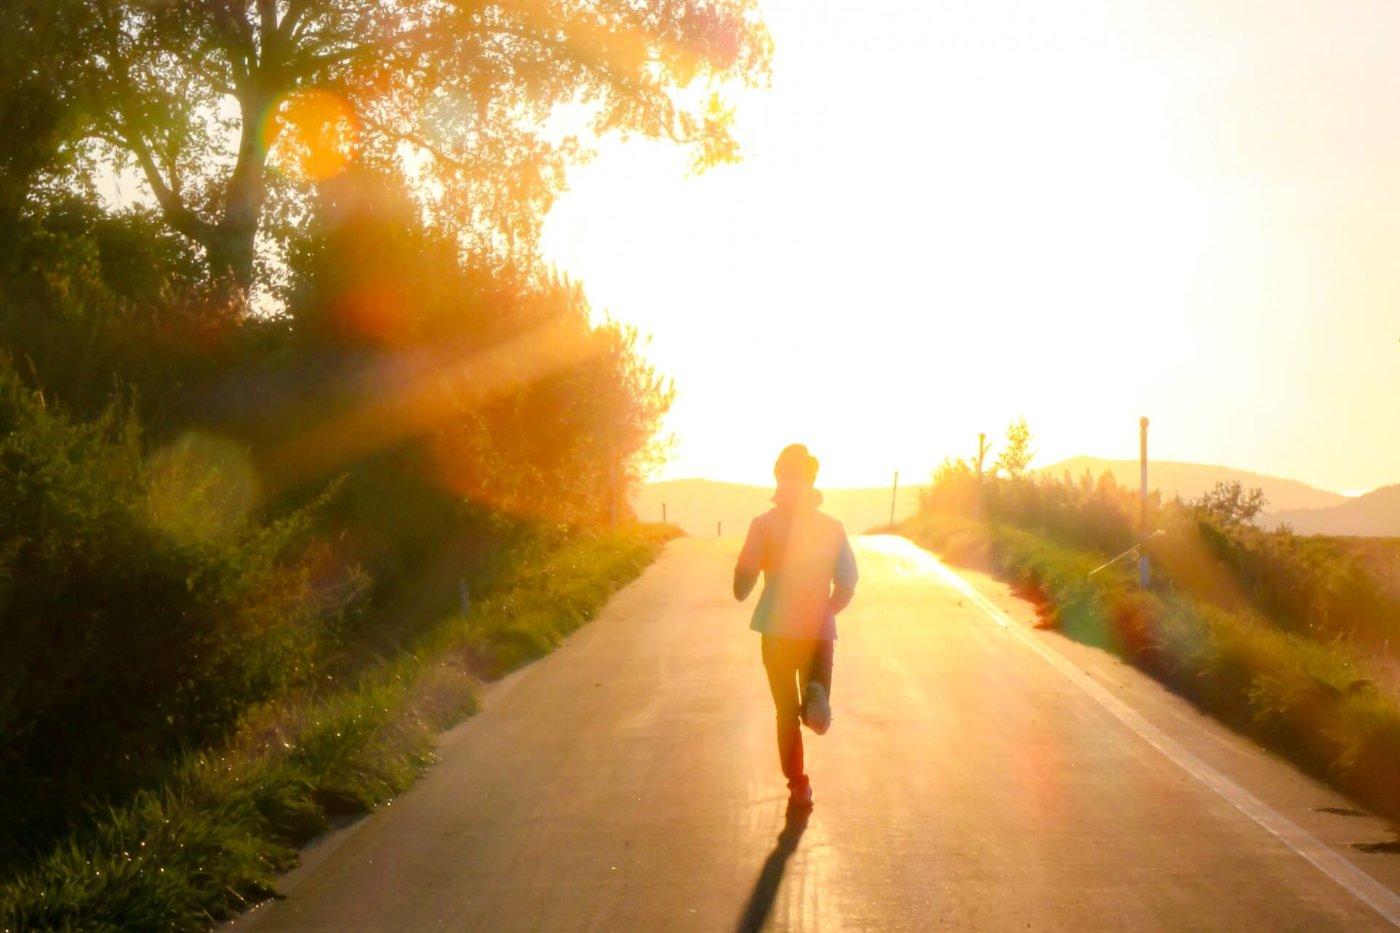 意外と走れちゃう!?ランニングして30分間で走れる距離はどれくらい?